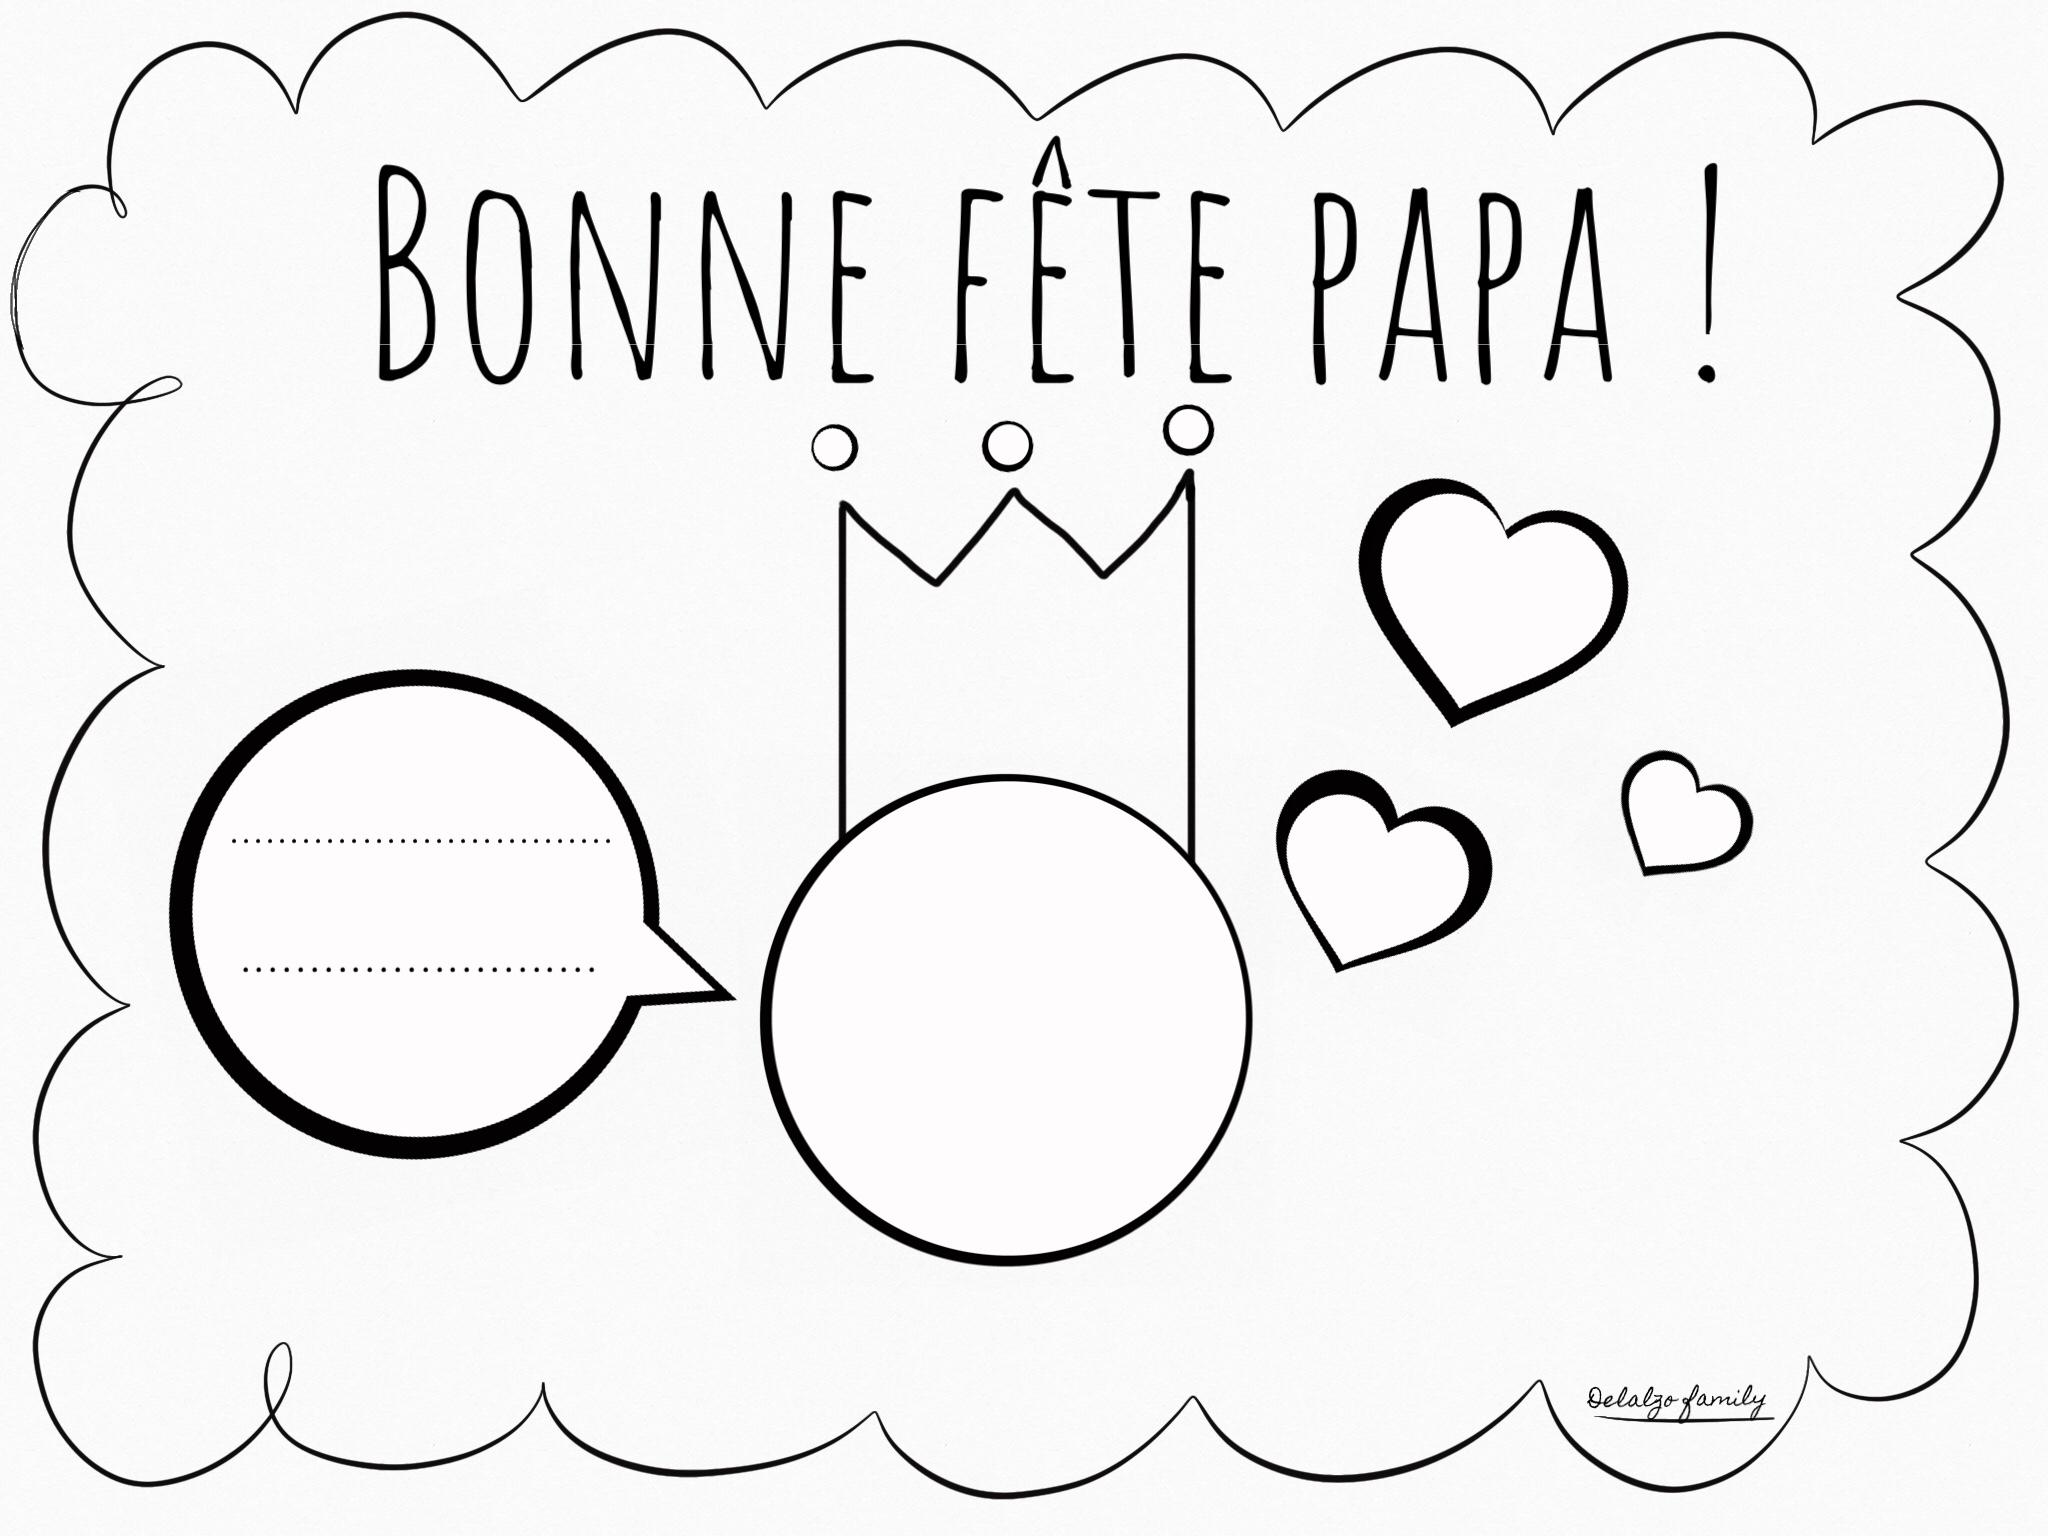 Coloriage Fête Des Pères! – Delalzo Family dedans Coloriage Fete Des Peres